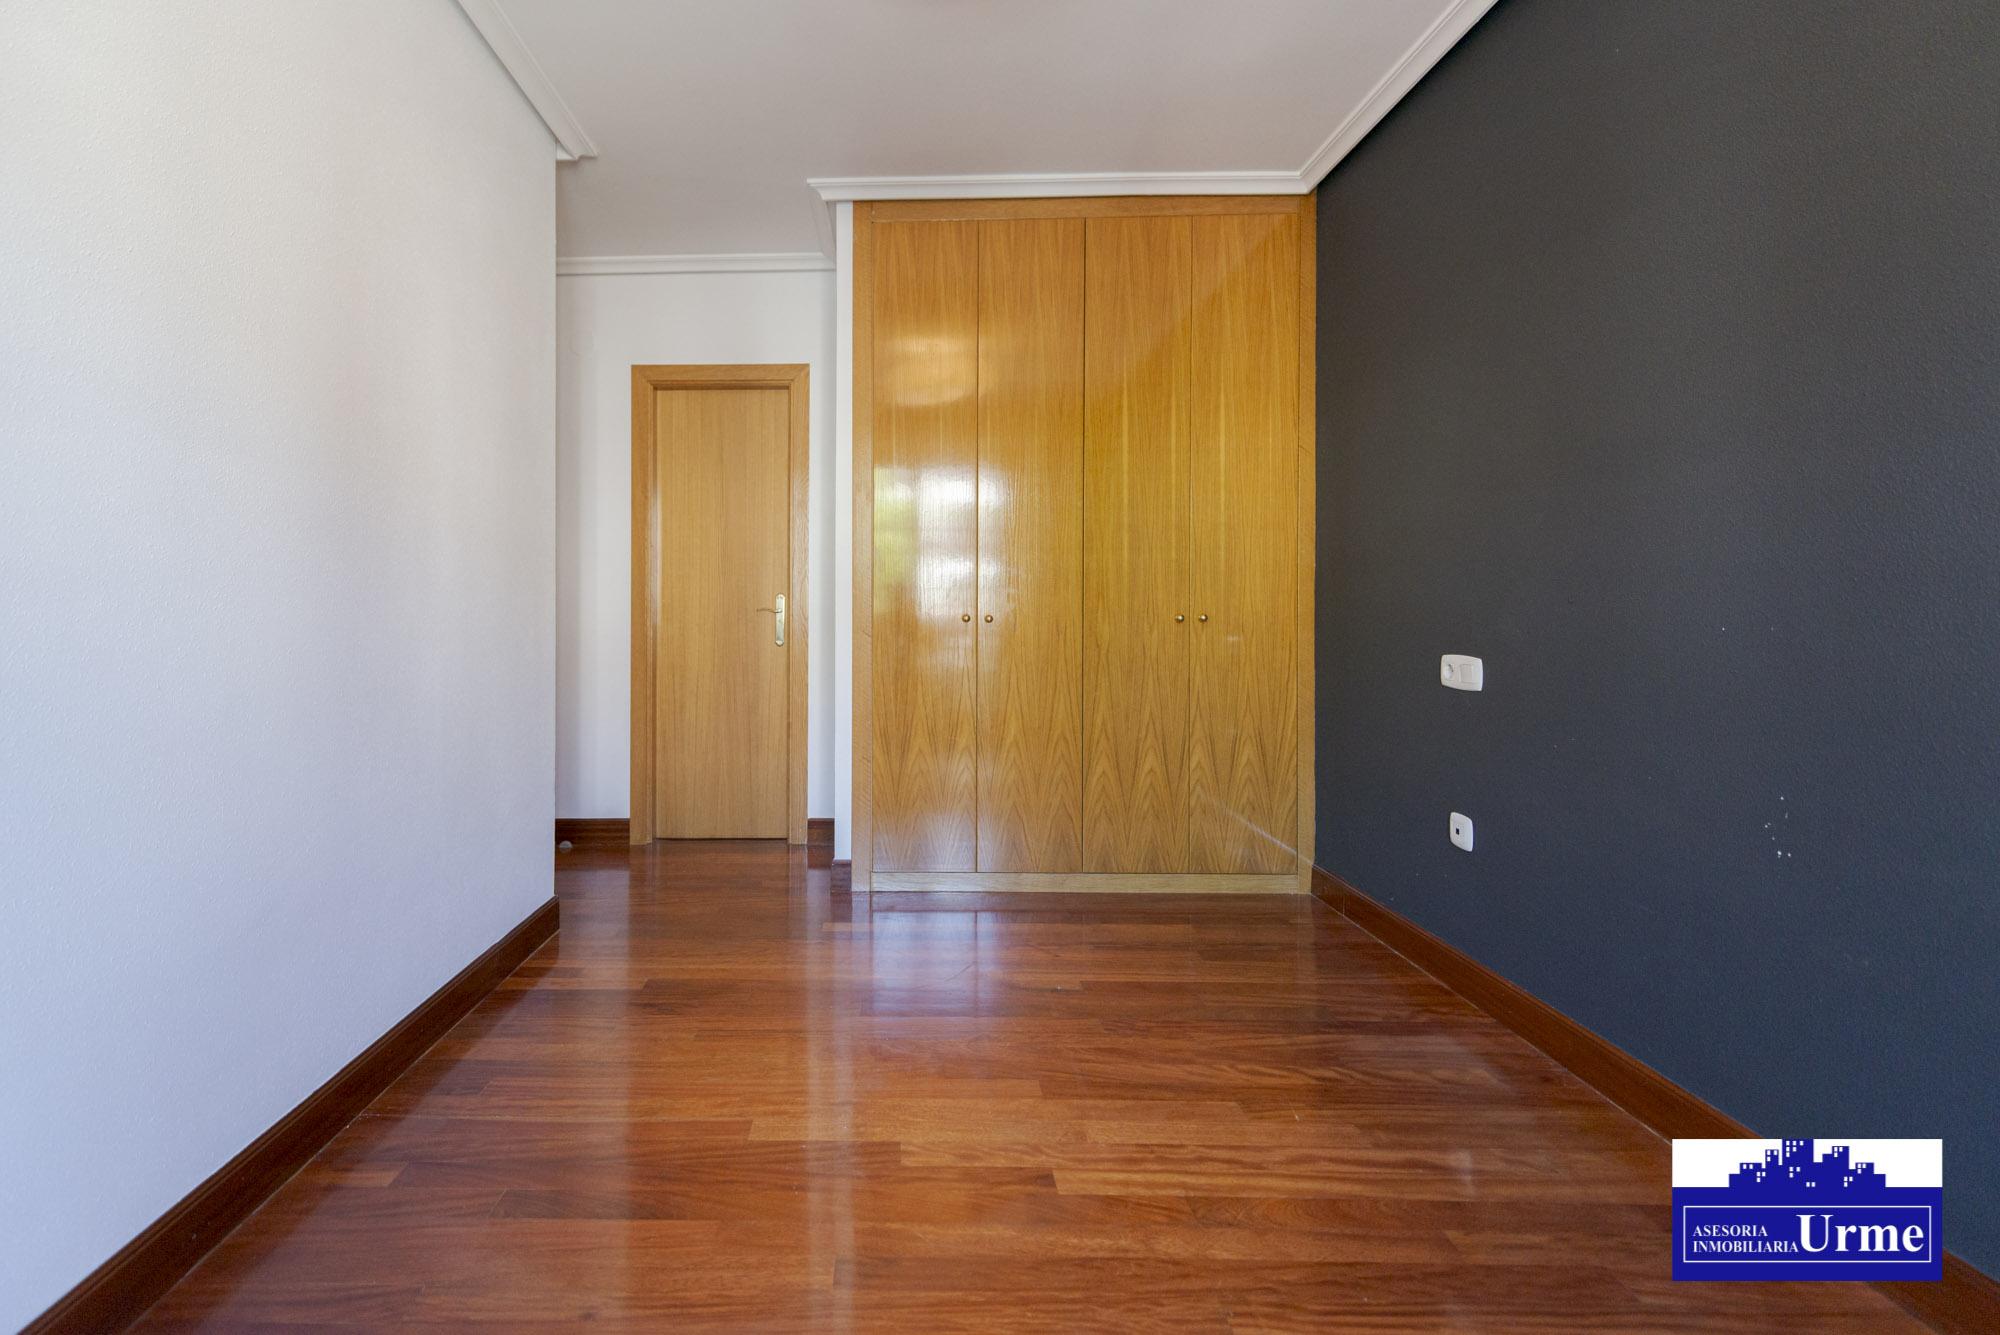 En Urdanibia berri, tu piso con terraza, en zona residencial 90m2,3 habitaciones,alon,cocina y 2 baños.Garaje txiki. Imformate!!